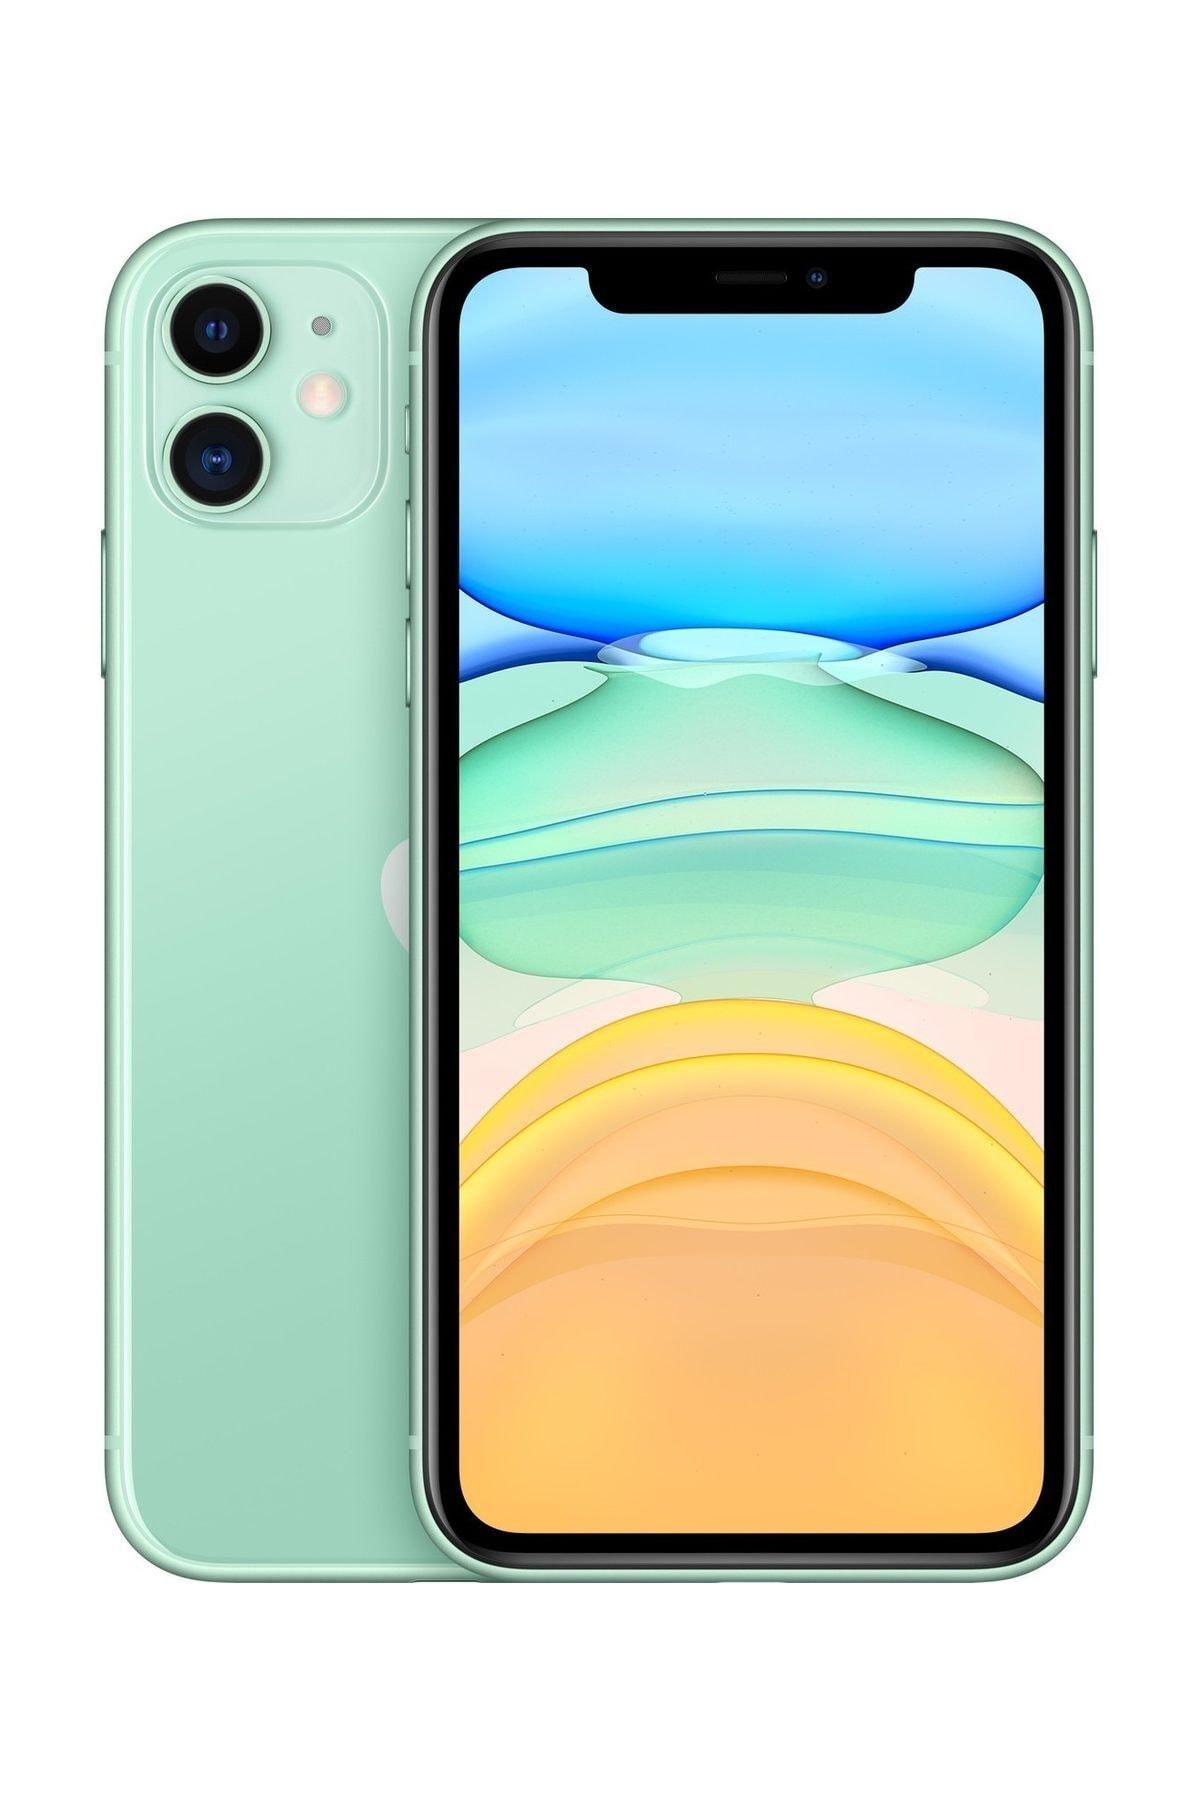 Apple iPhone 11 64GB Yeşil Cep Telefonu (Apple Türkiye Garantili) Aksesuarlı Kutu 1